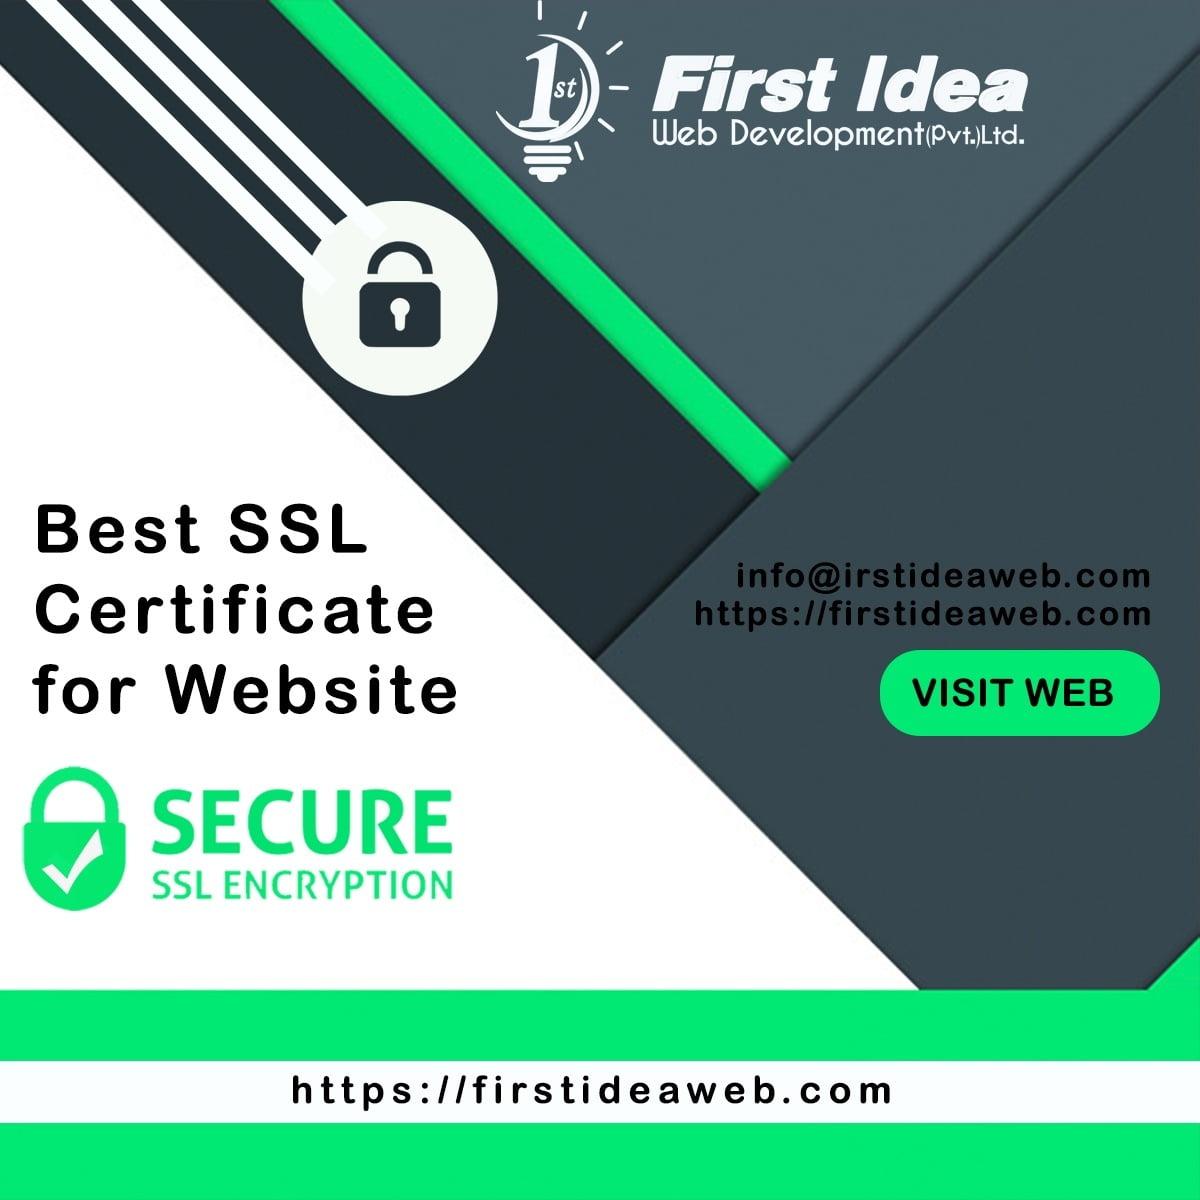 cheap ssl certificate price, best ssl certificate for website, Best cheapest SSL certificates in Pakistan, Website Security Certificate, ssl certificate price in pakistan.